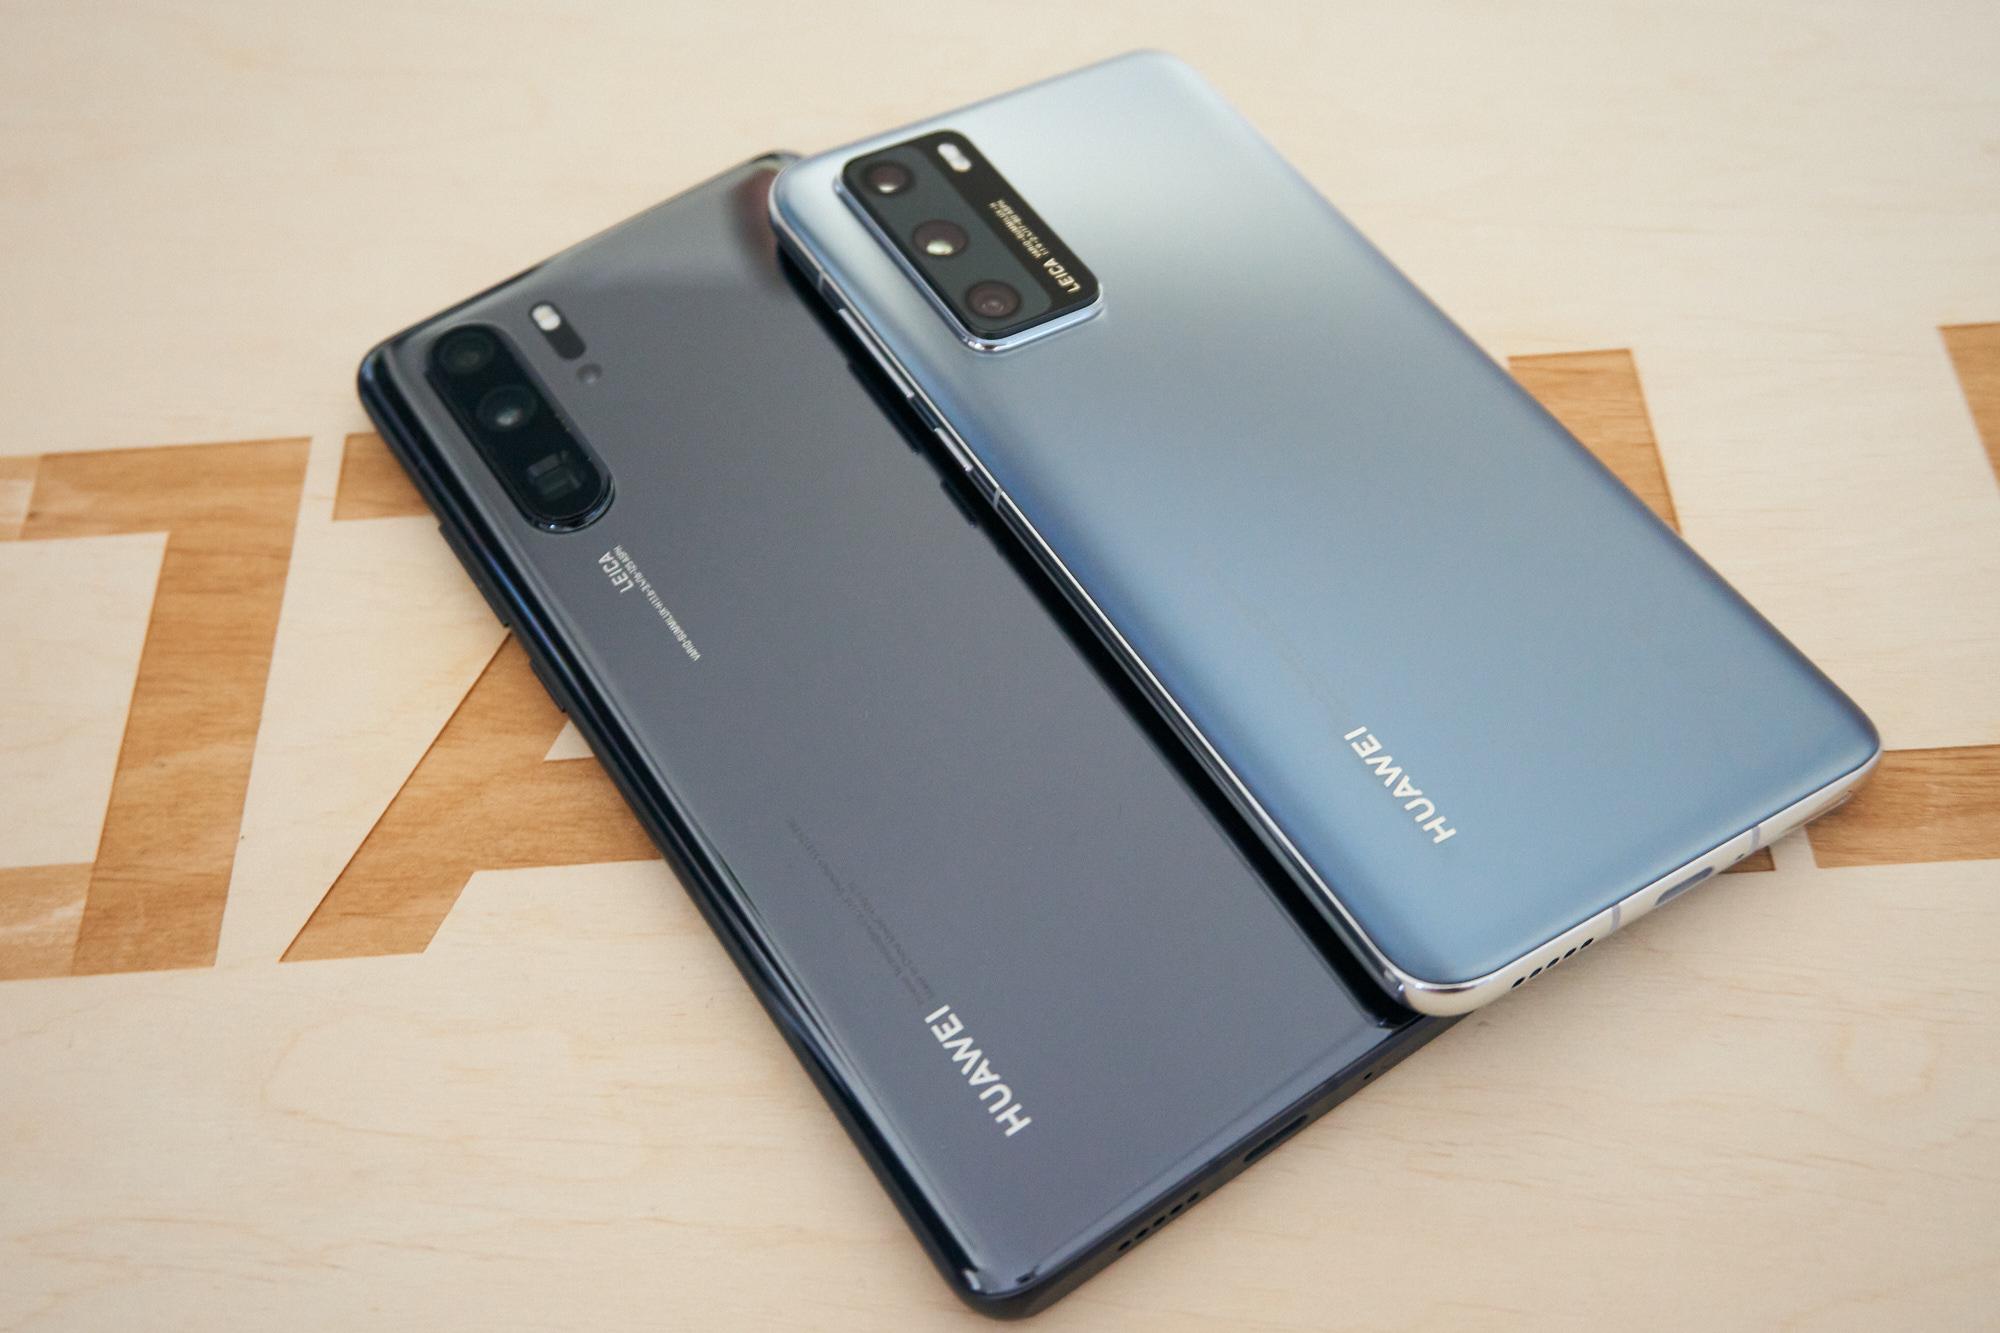 smartfon Huawei P30 Pro Huawei P40 smartphone